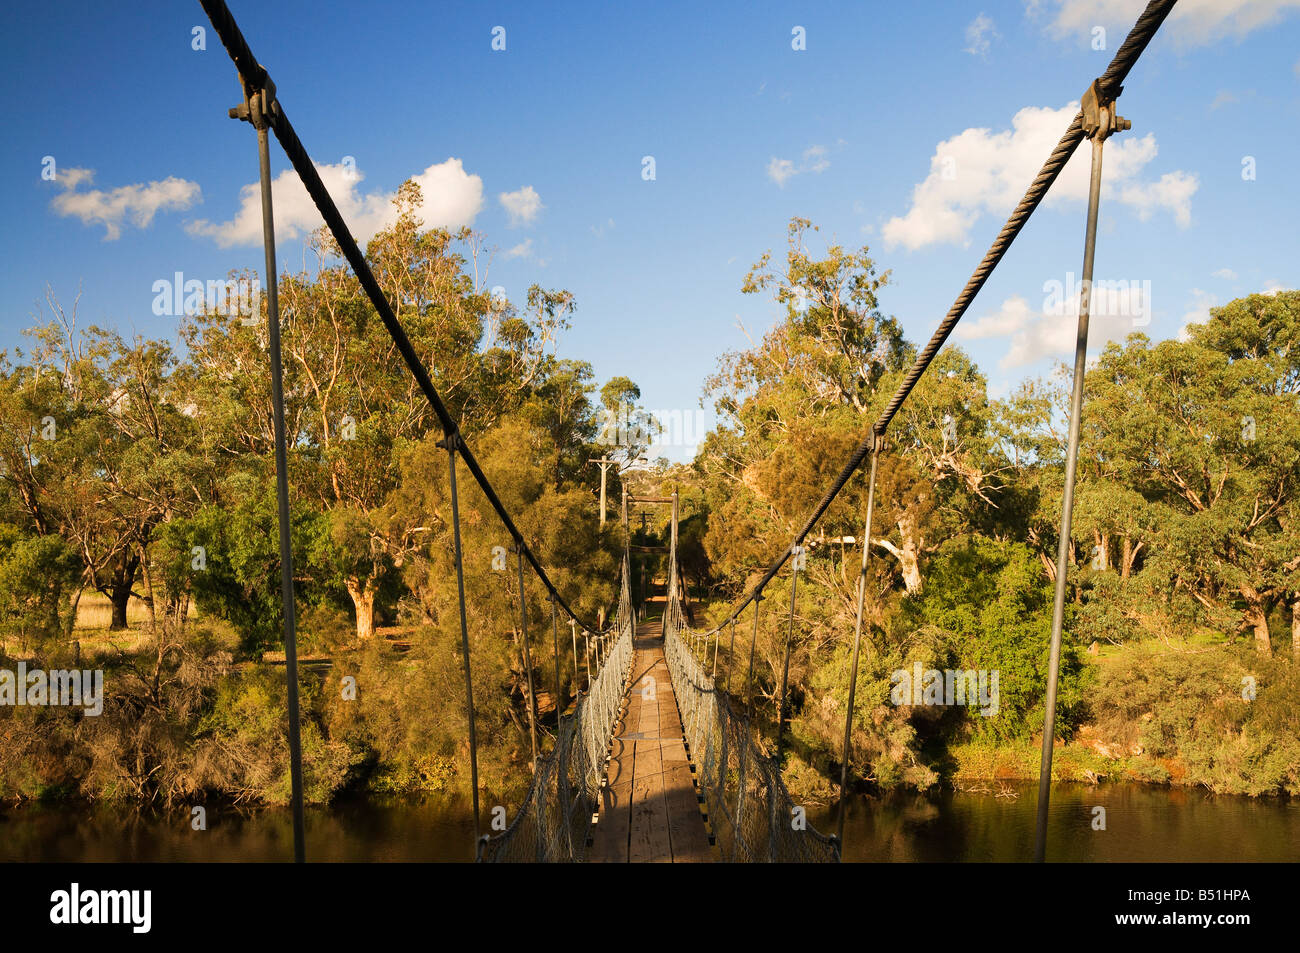 Ponte di sospensione, Fiume Avon, York, Australia occidentale, Australia Foto Stock